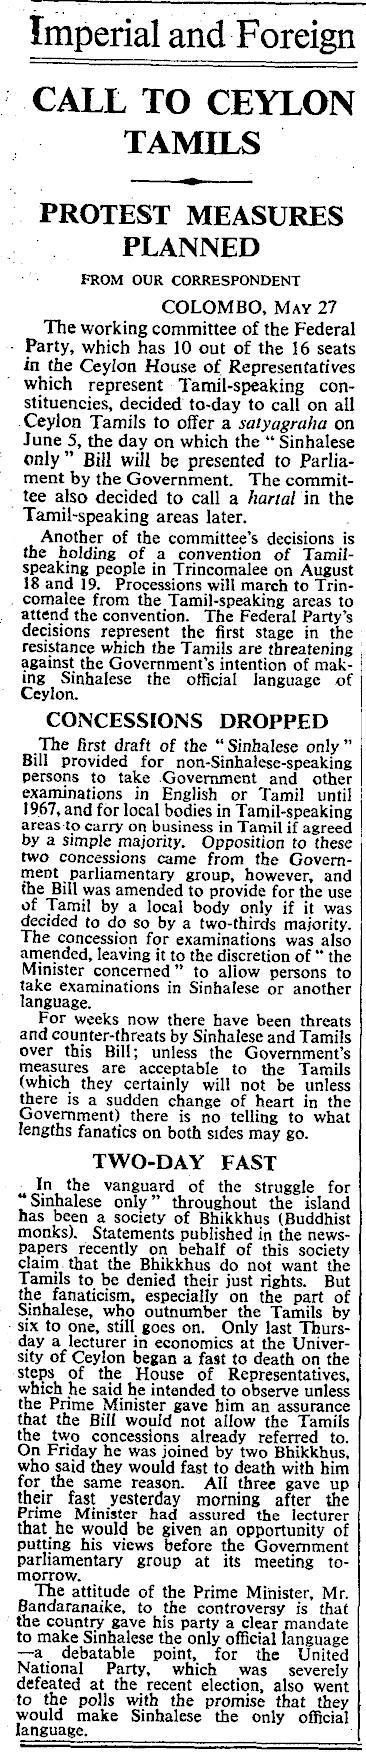 Times UK-28 May, 1956